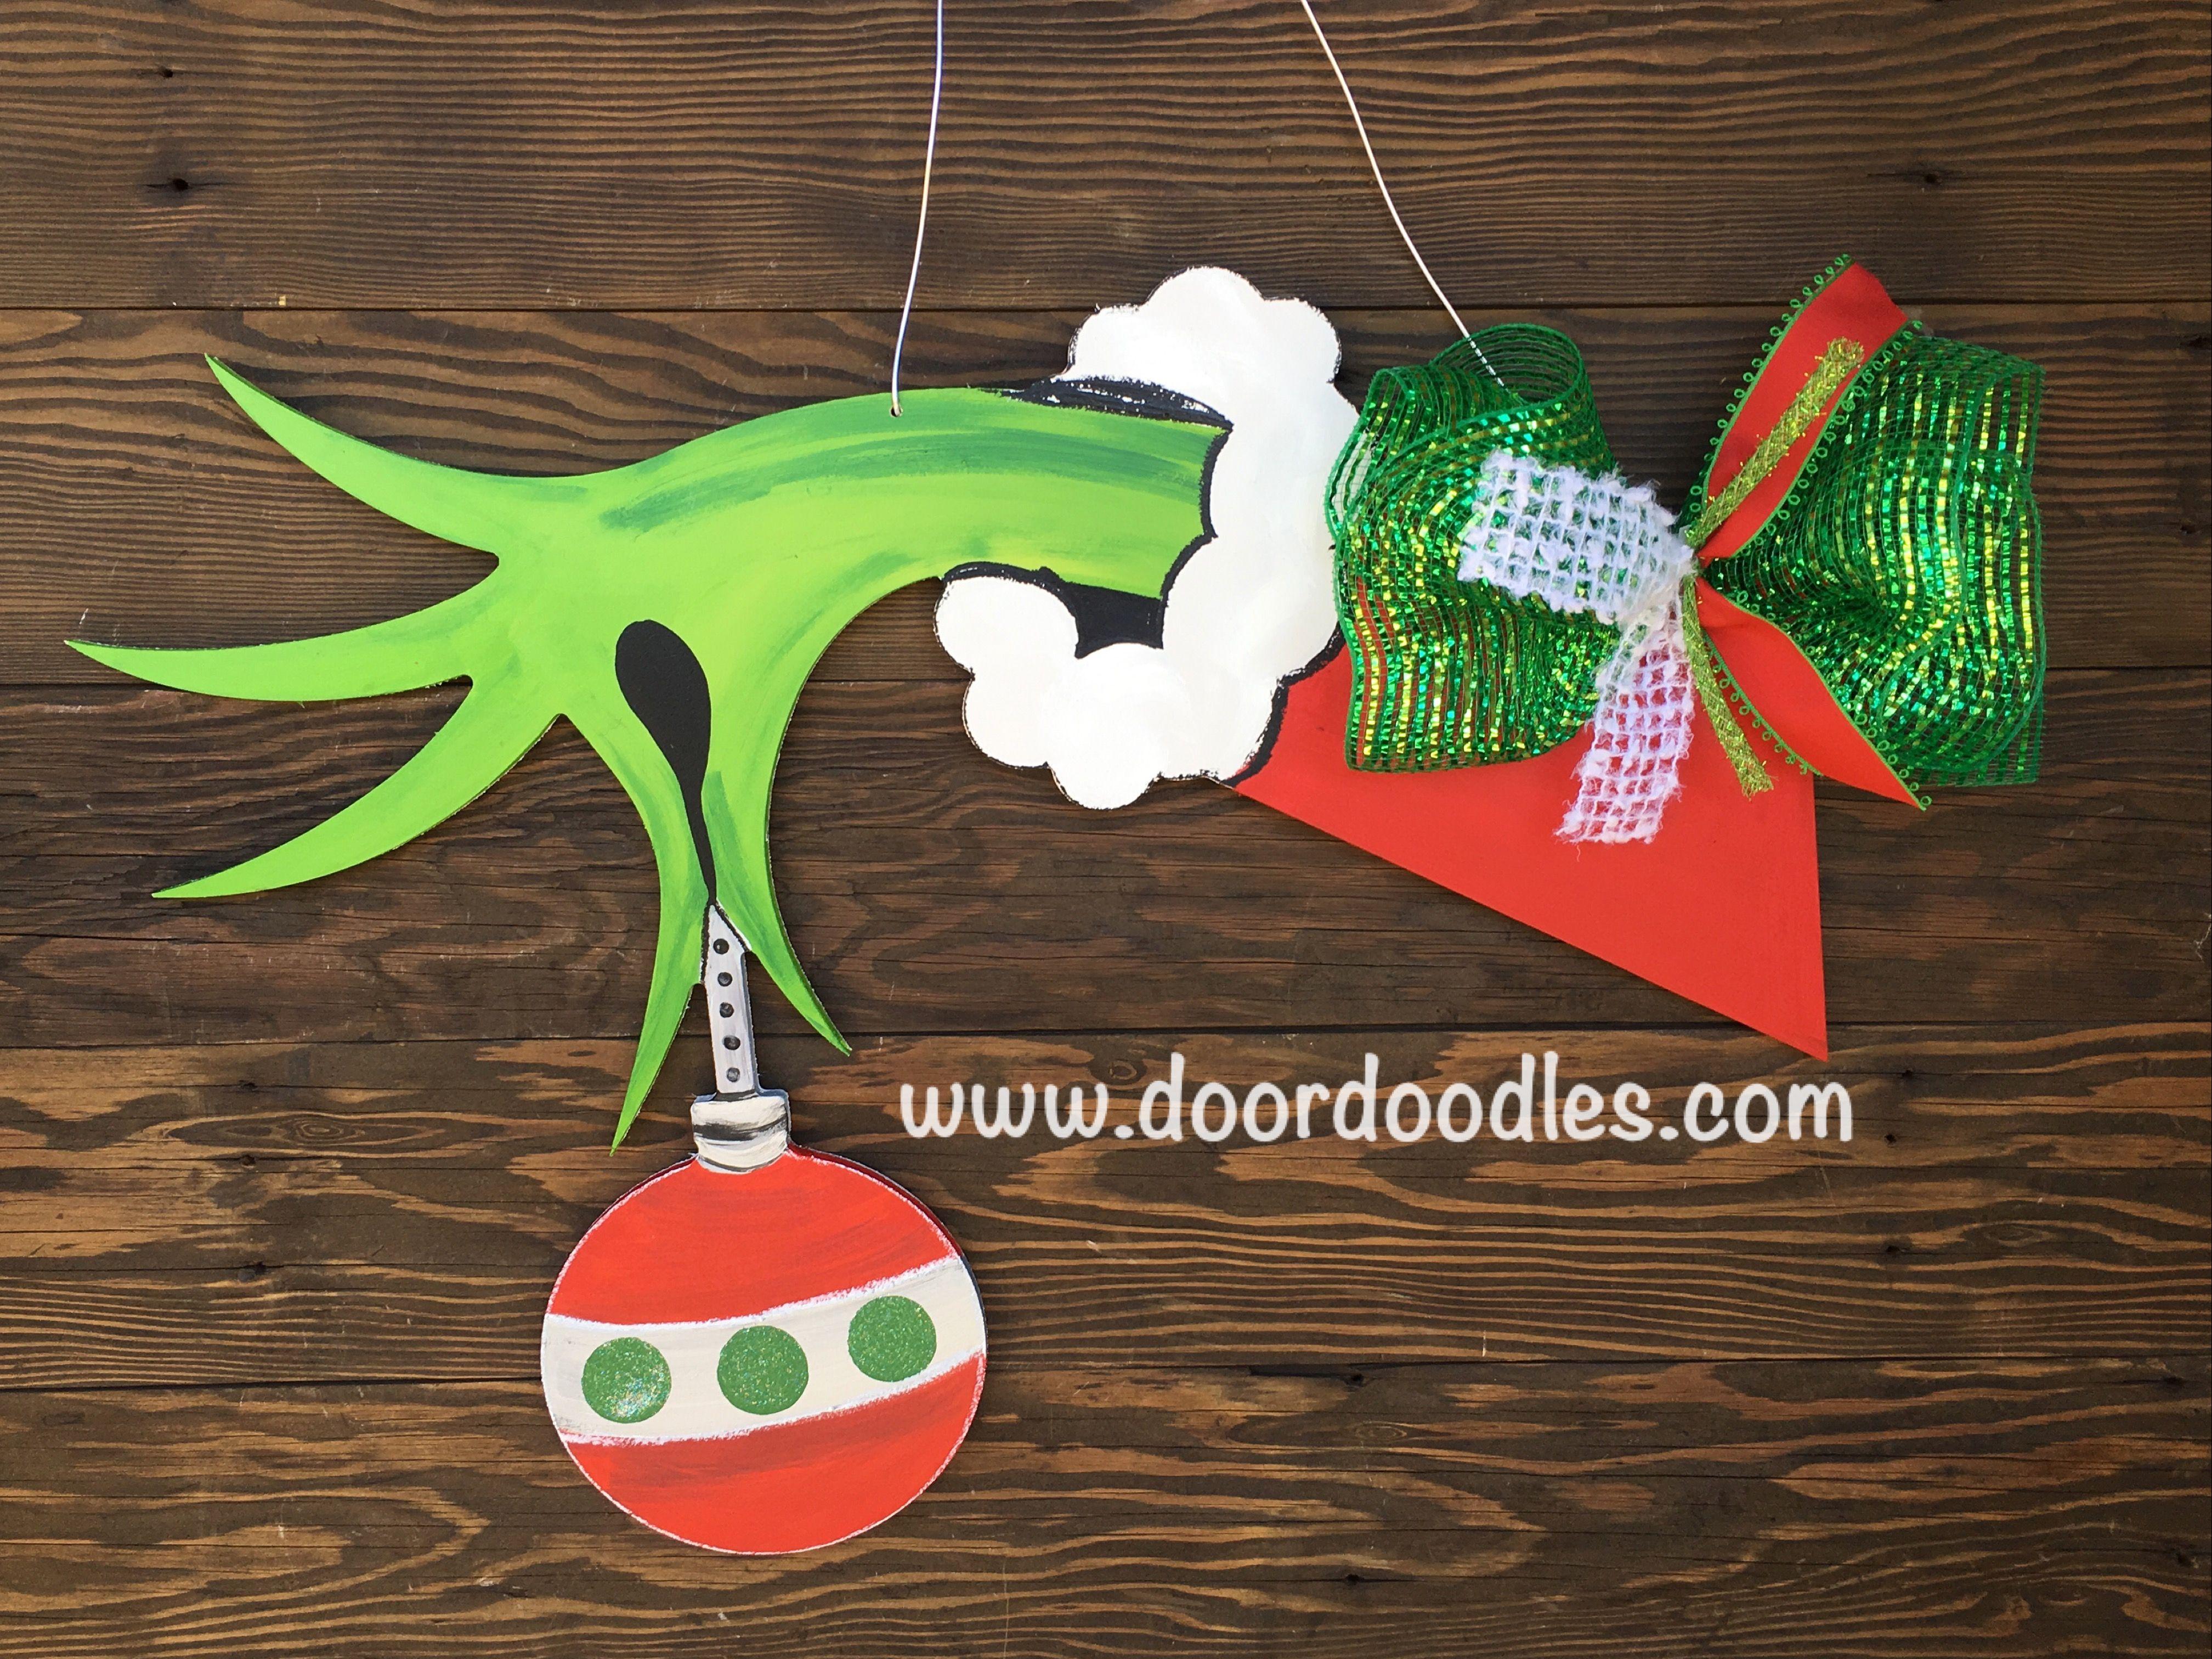 The Grinch Door Hanger Decoration Front Door Wreath Hang Ornament Wood Wooden Grinch Decorations Xmas Crafts Hanging Wreath